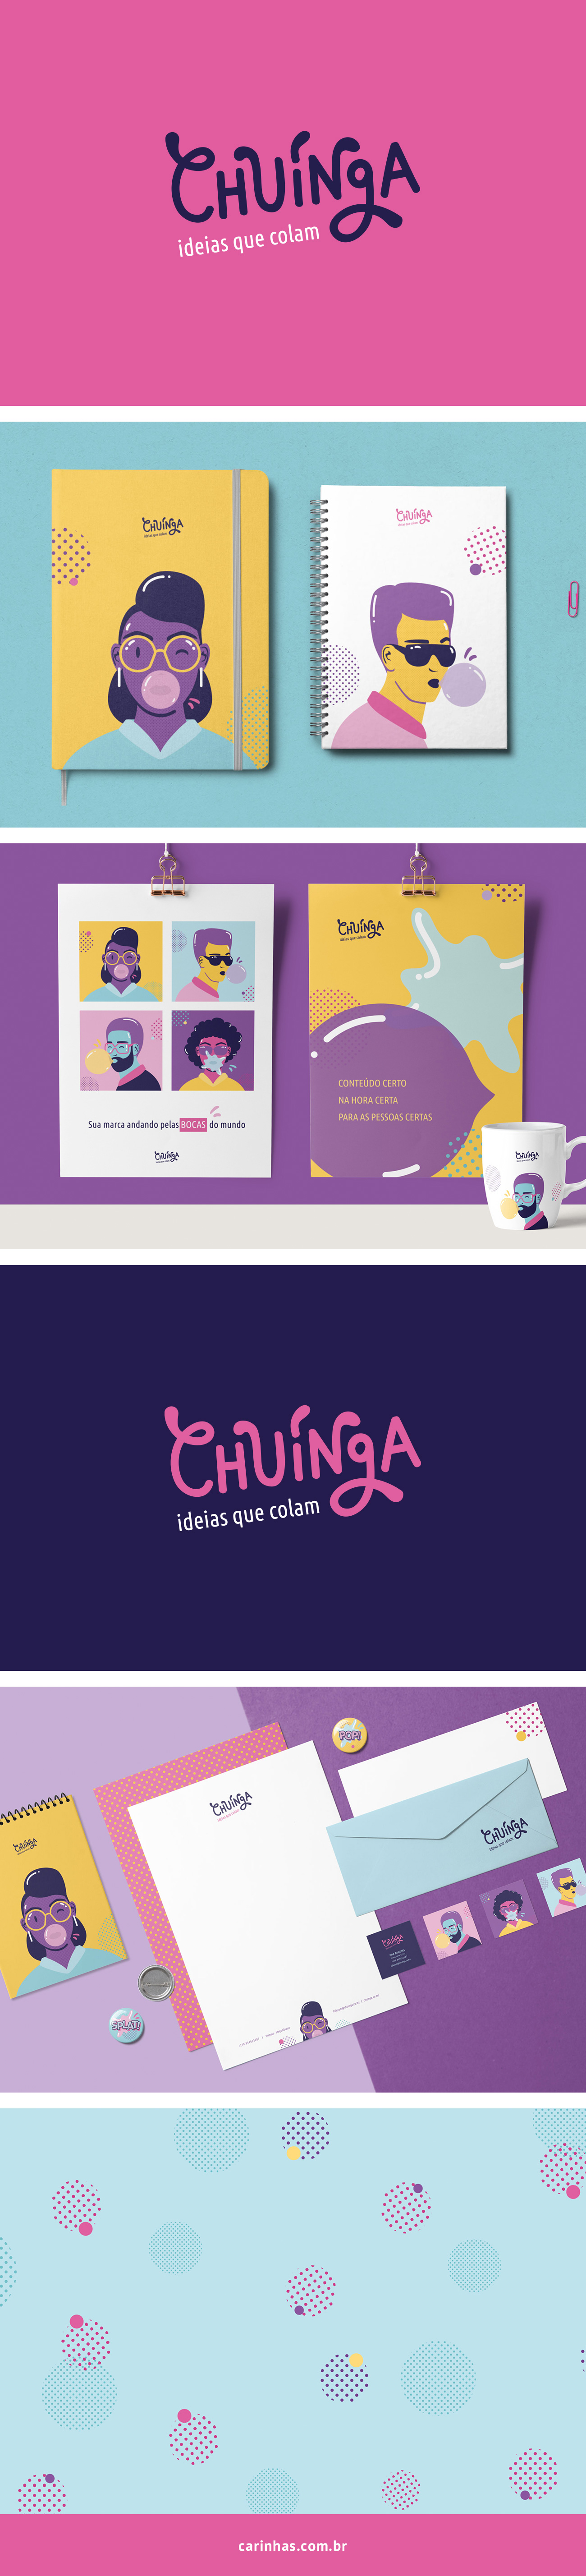 Marca Apaixonante para Chuínga - carinhas.com.br